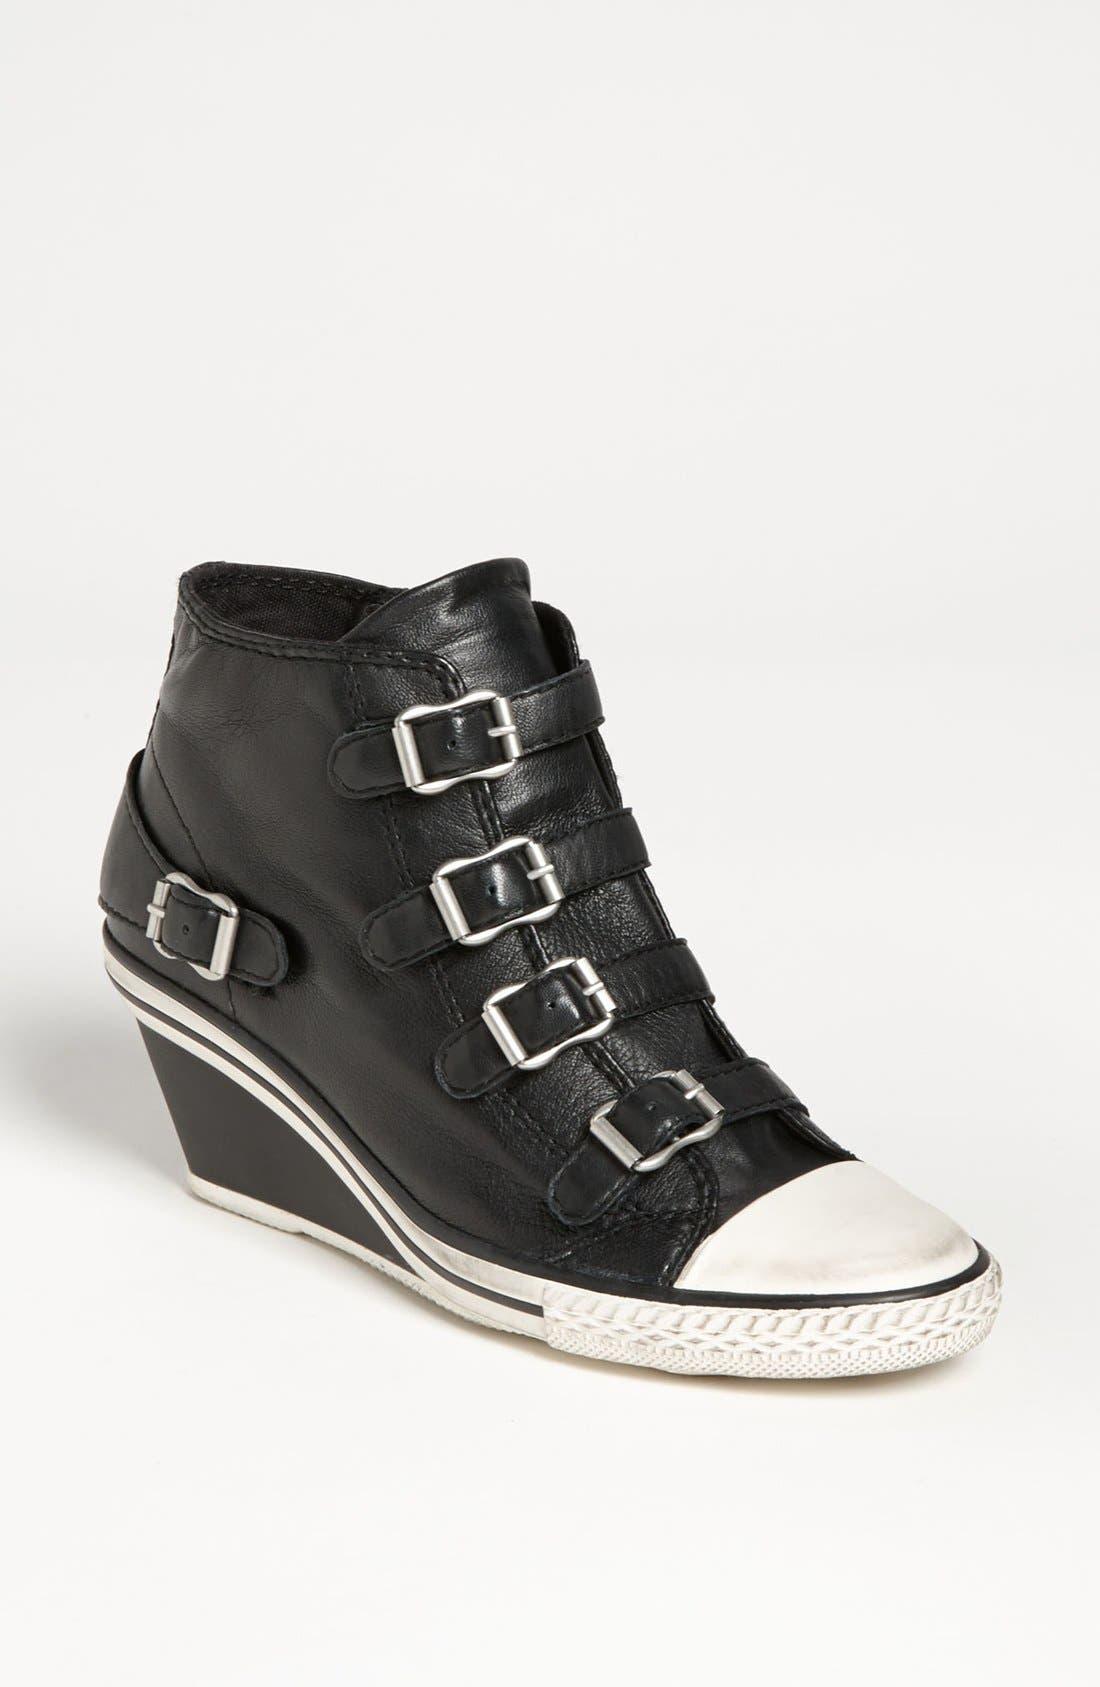 Main Image - Ash 'Genial' Sneaker